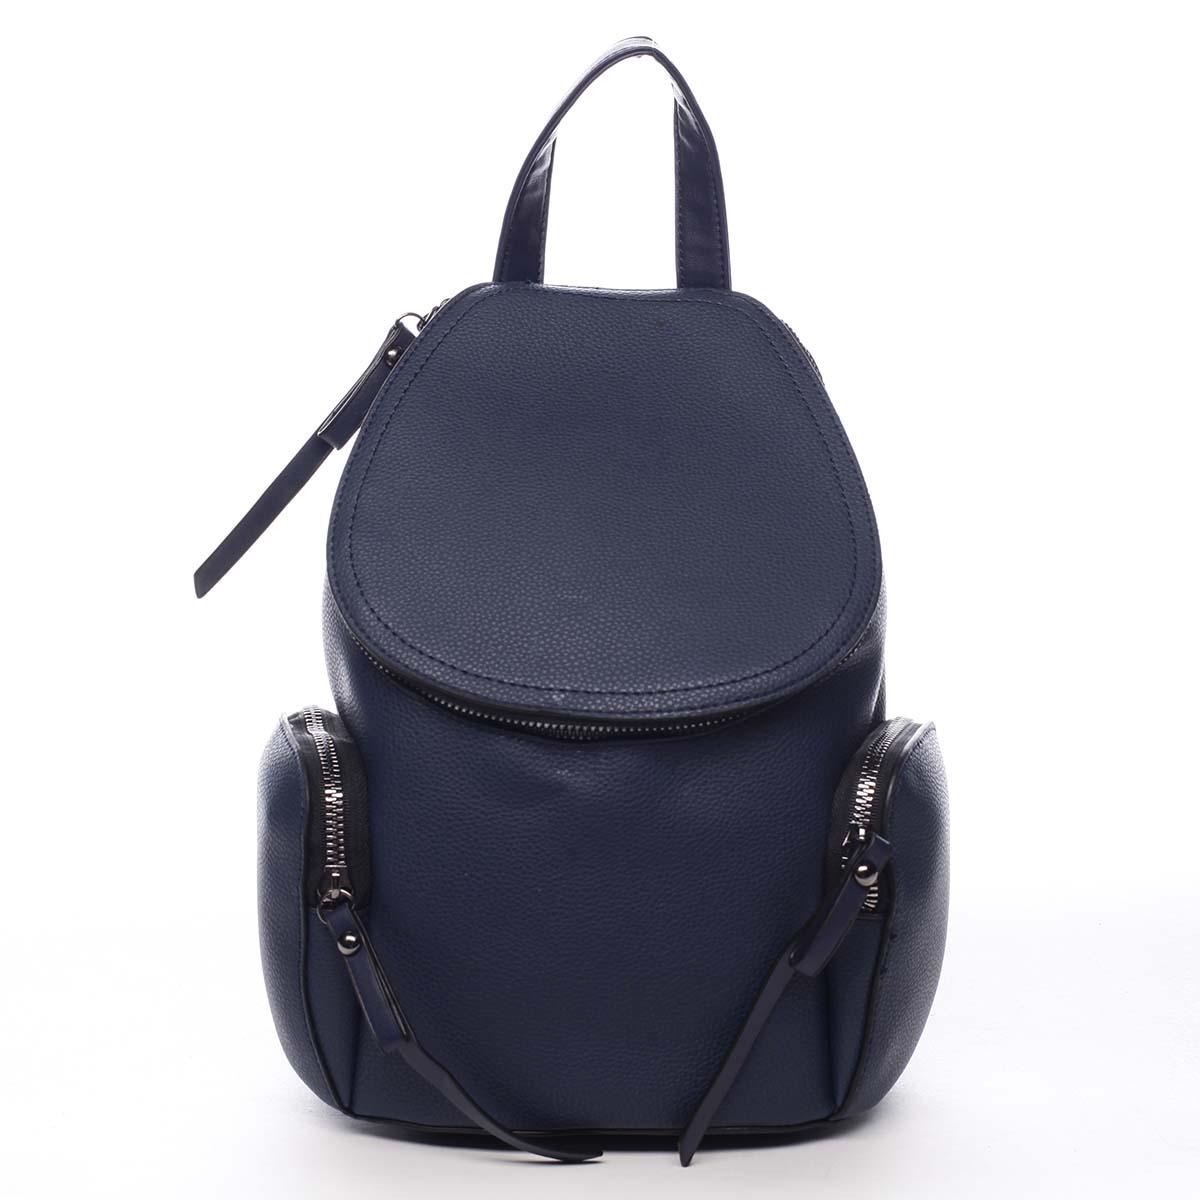 Dámský batoh tmavě modrý - Maria C Hips Small